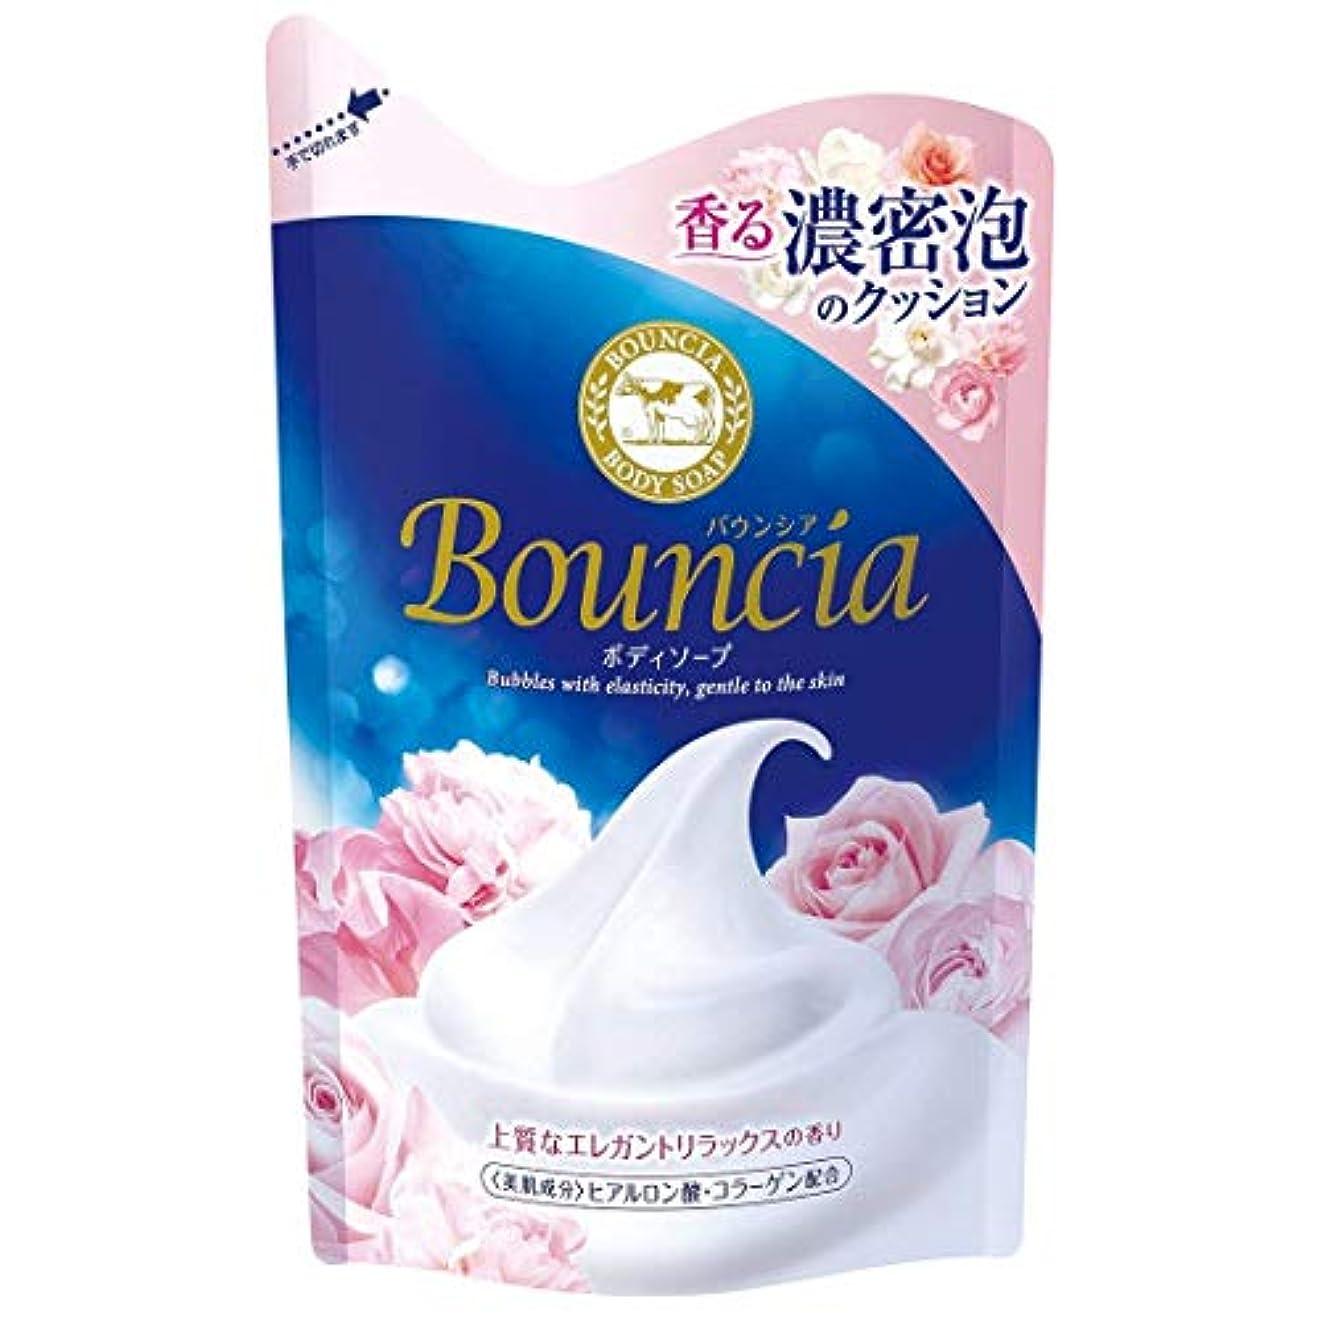 オリエンタル乱れ叫ぶ【まとめ買い】 バウンシア ボディソープ エレガントリラックスの香り つめかえ用 430ml × 3個